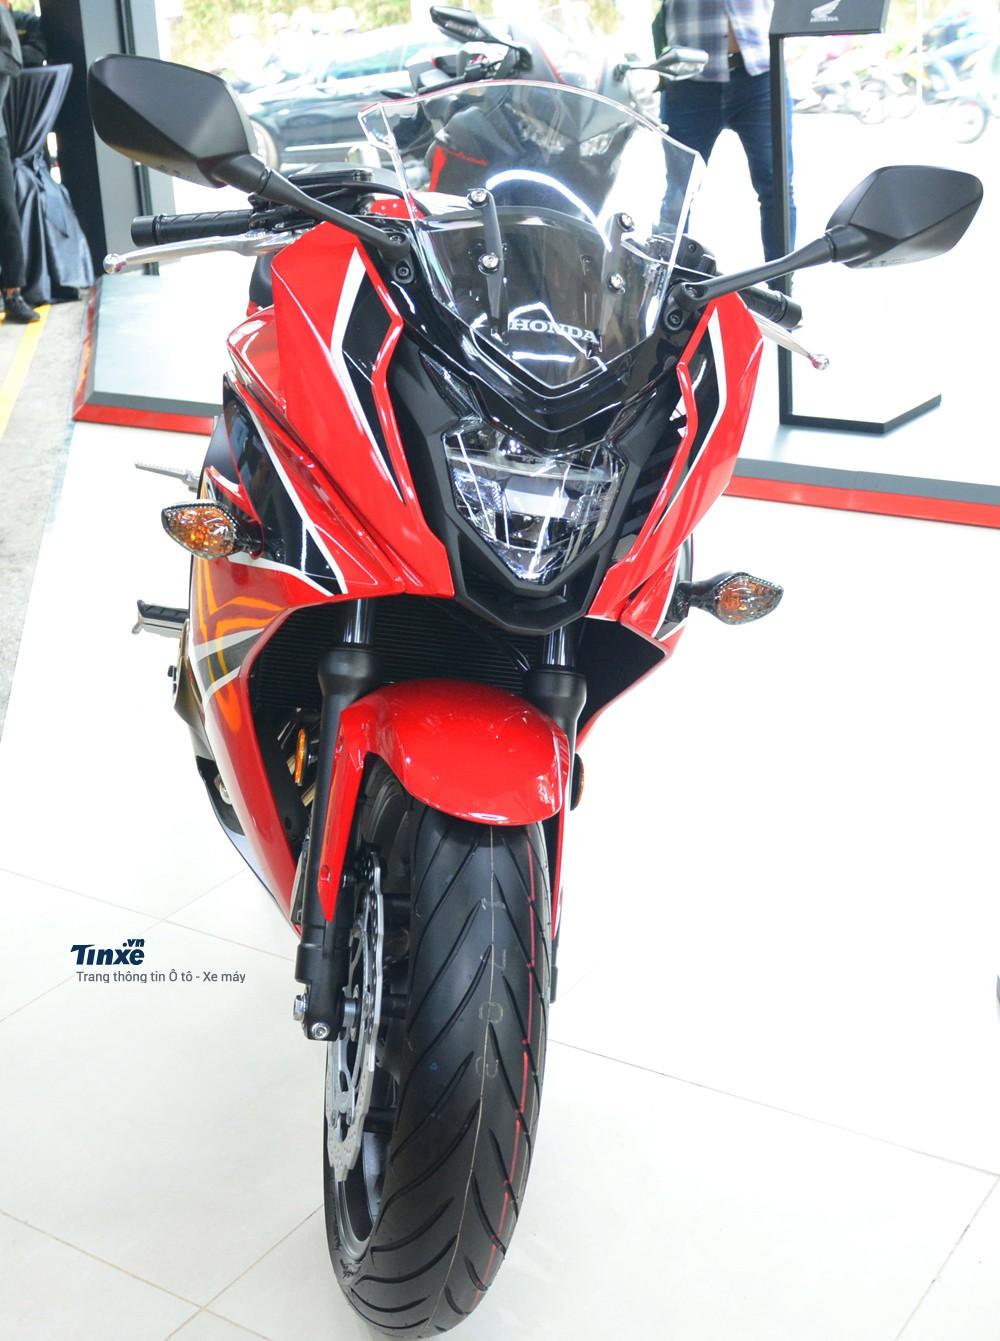 Không chỉ phân khối chính hãng chiếc naked bike CB650F, hãng Honda còn bán ra chiếc sport bike CBR650F 2018 với mức giá 233,9 triệu Đồng